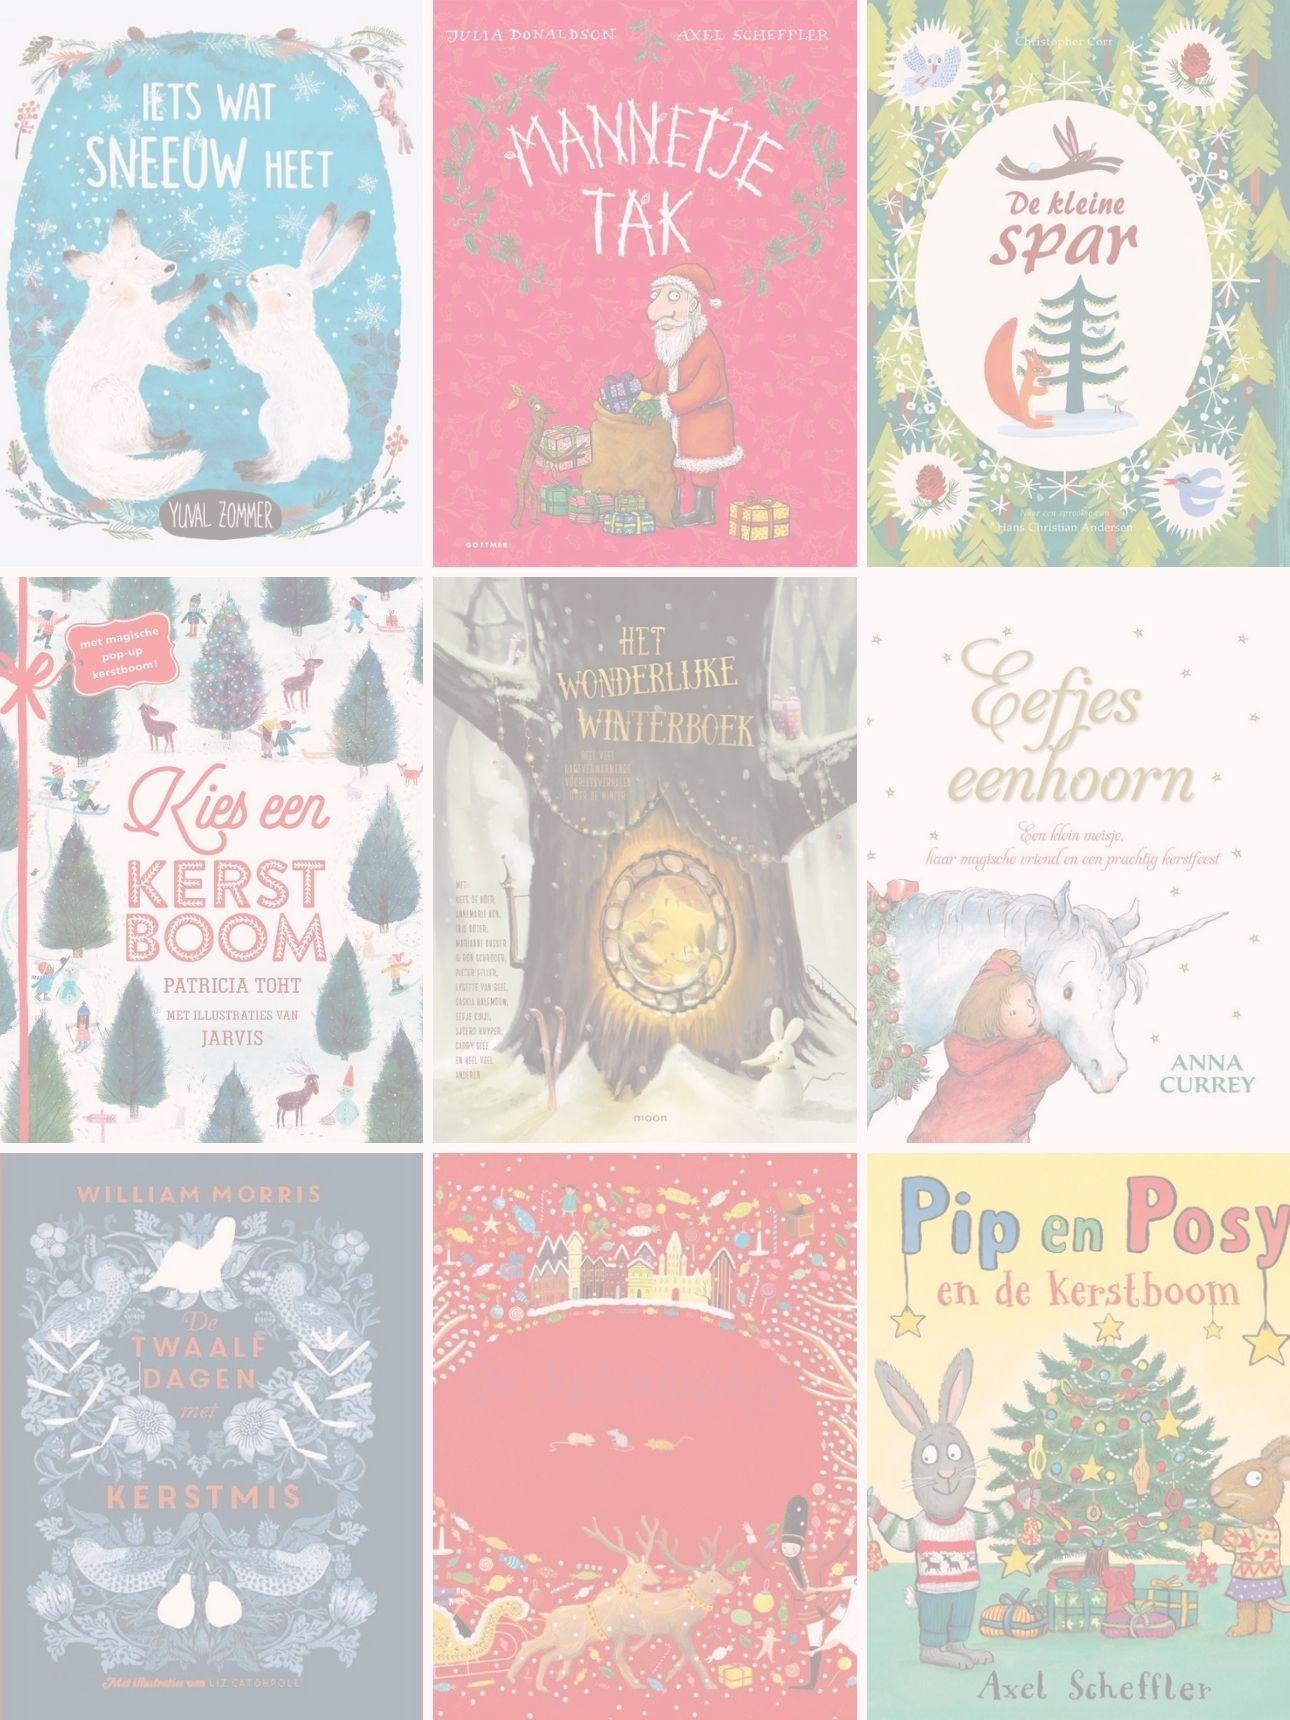 kerstboeken kinderboeken kerst